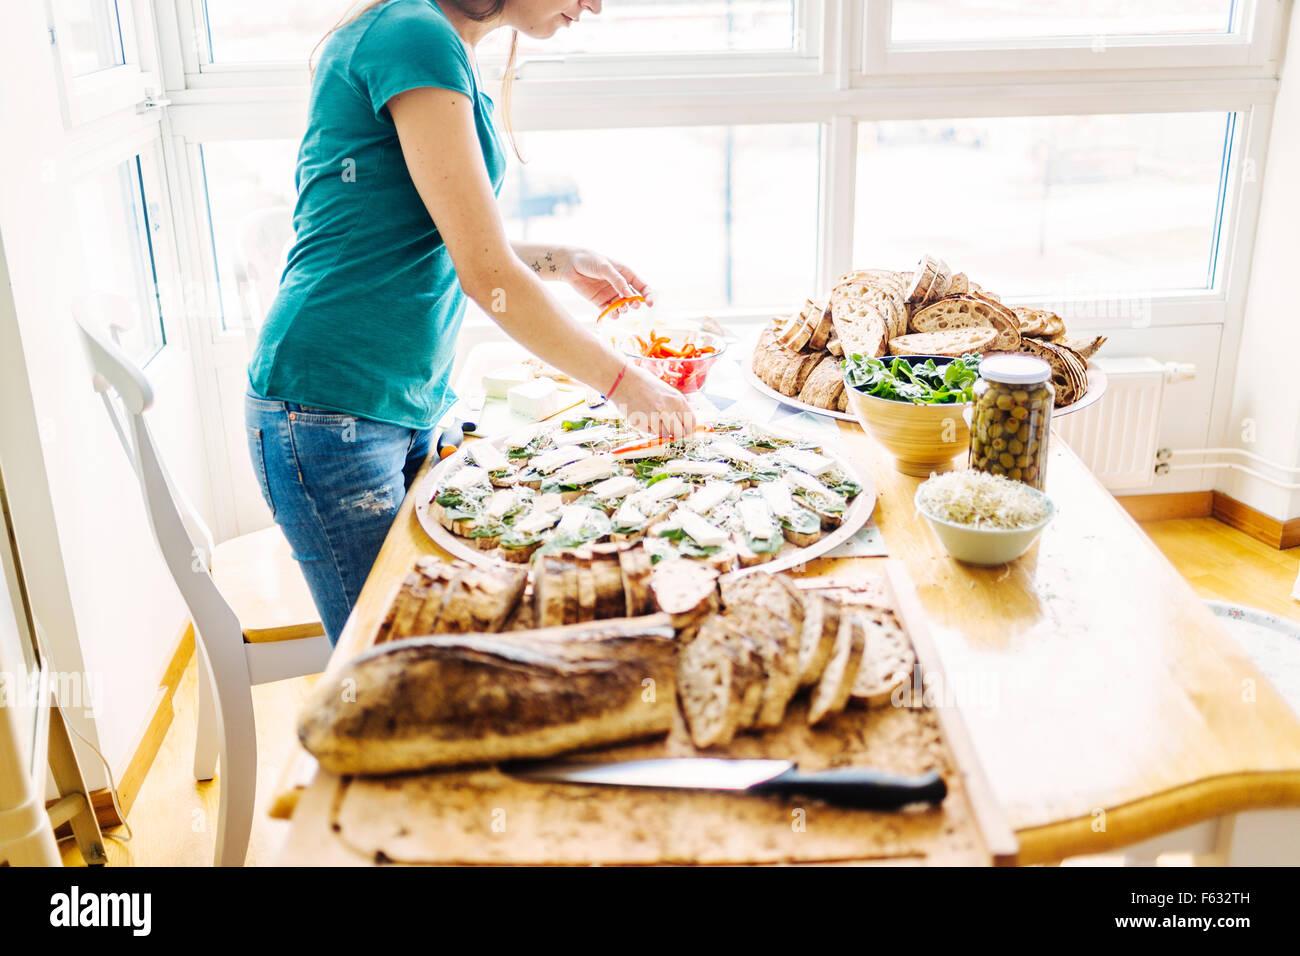 Seitenansicht der Frau bereitet angesichts offener Sandwich am Tisch Stockbild